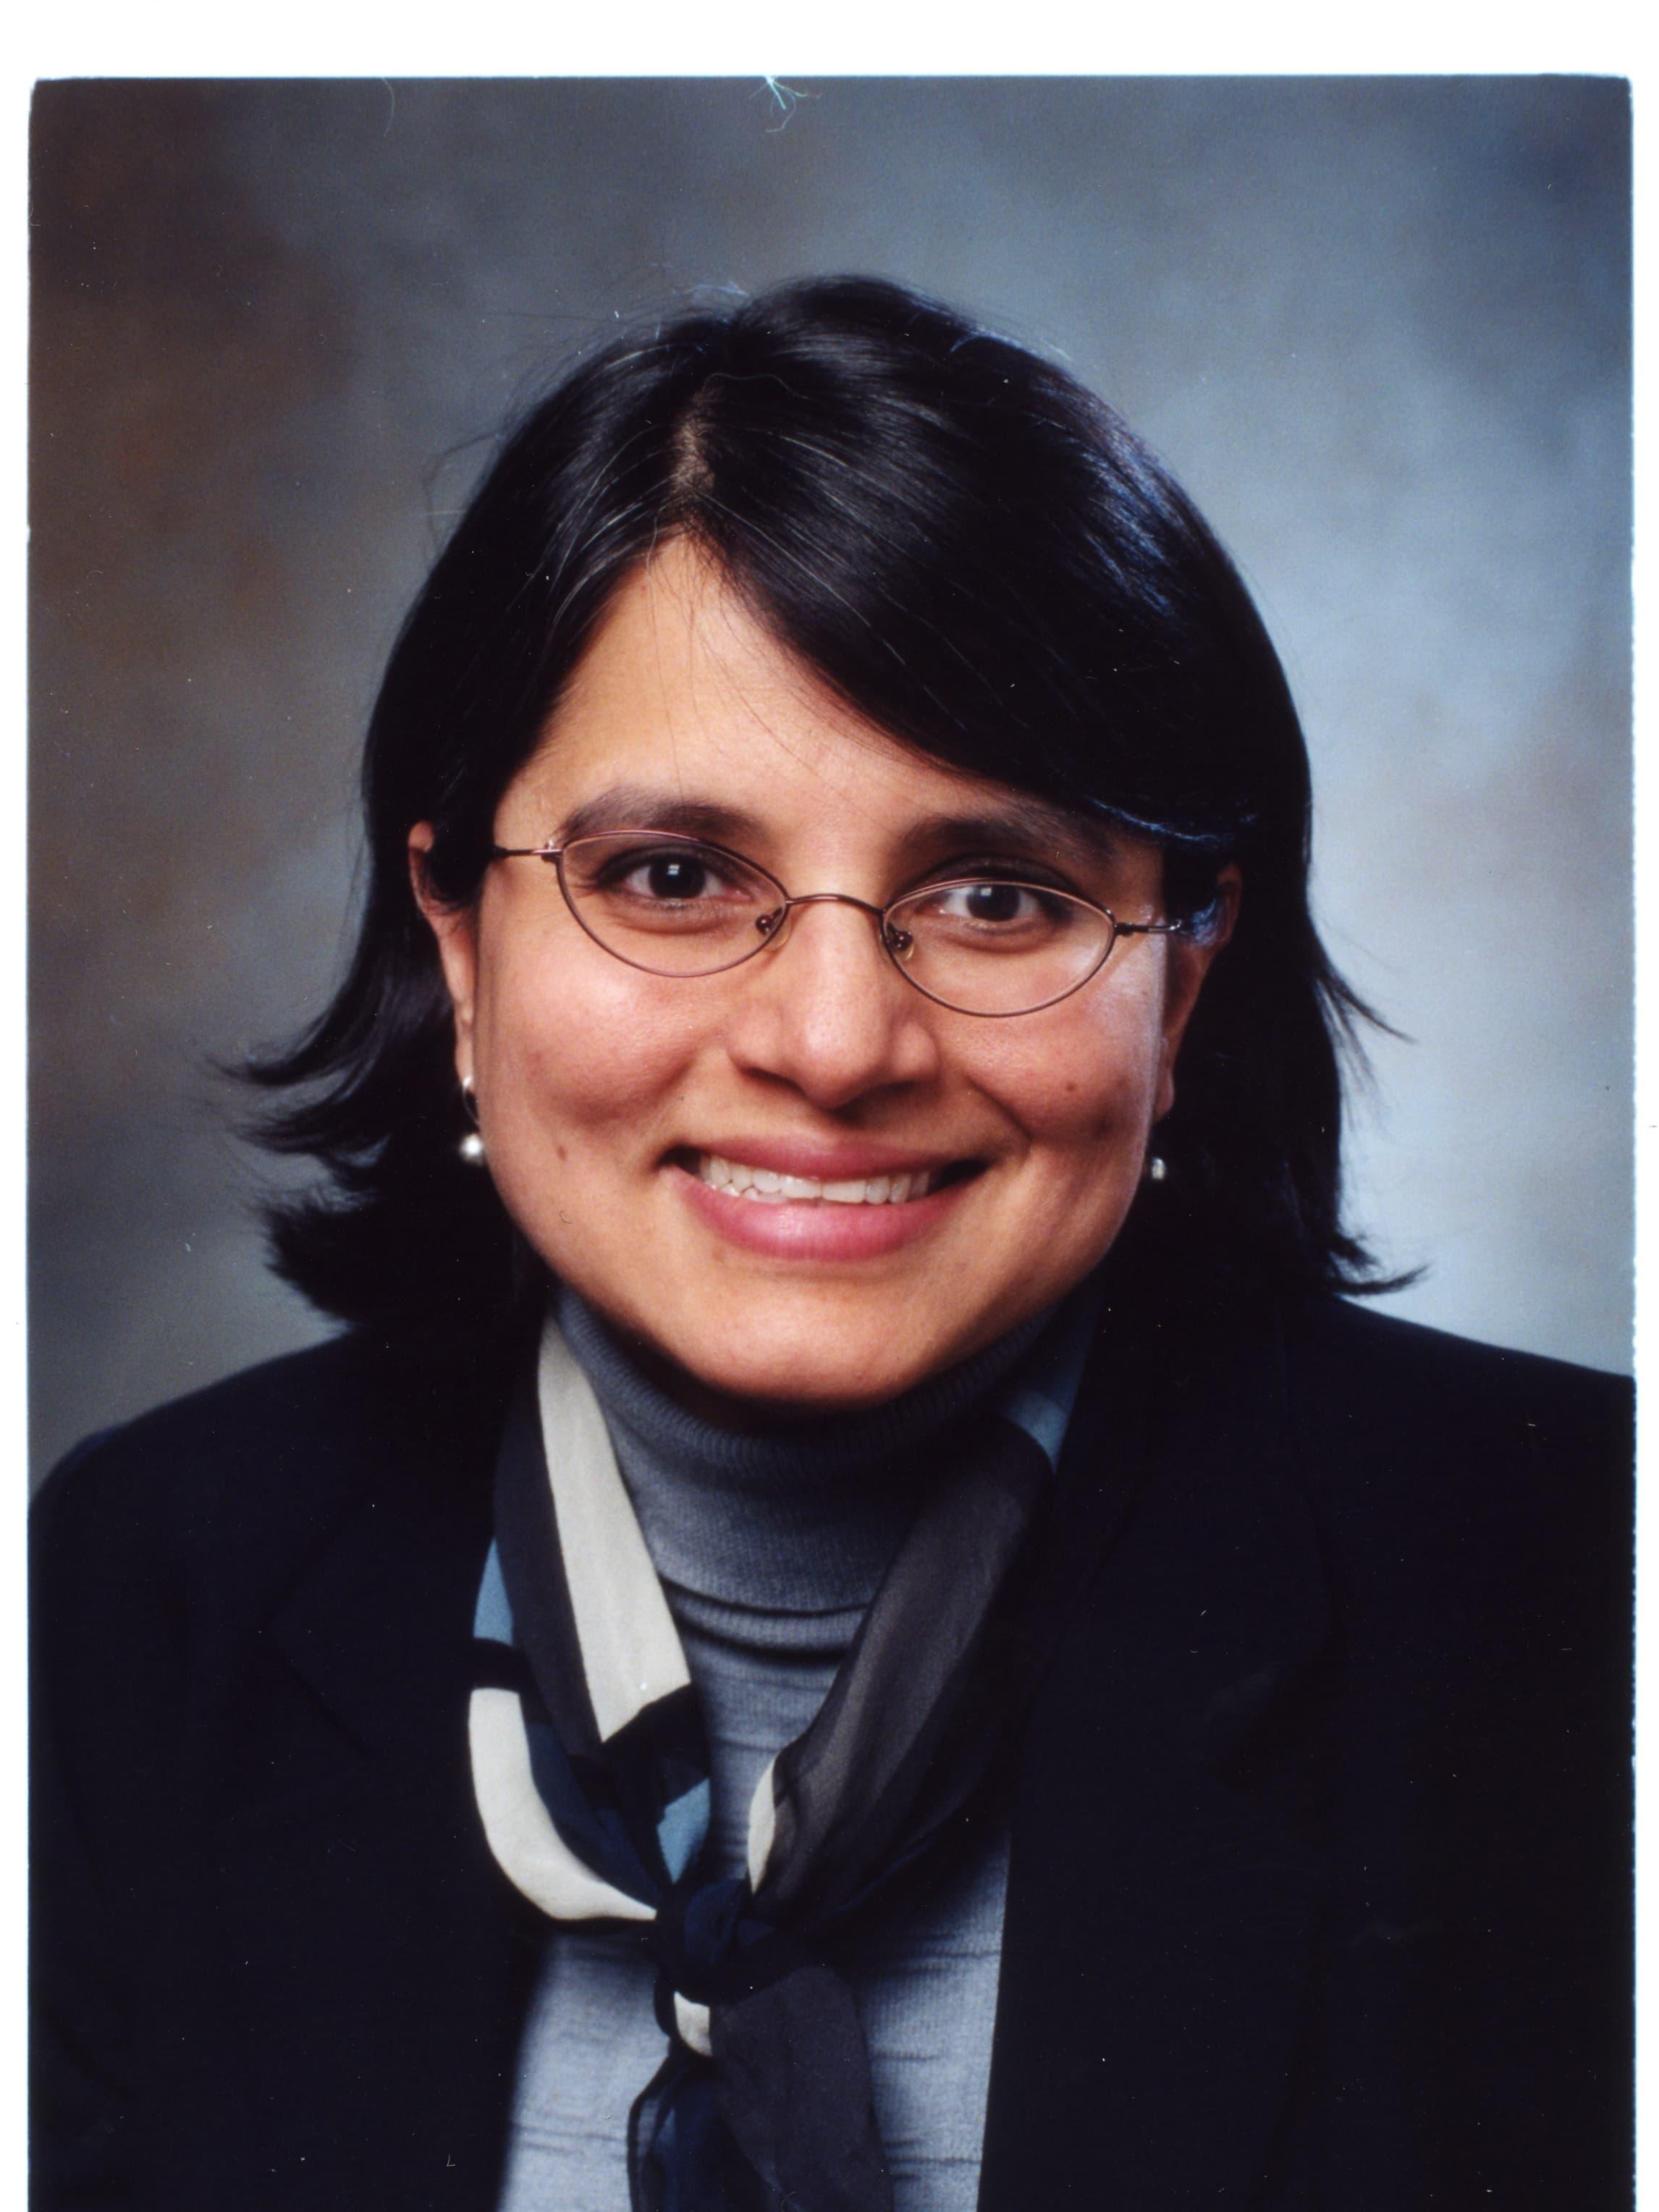 Nina Kadan-Lottick